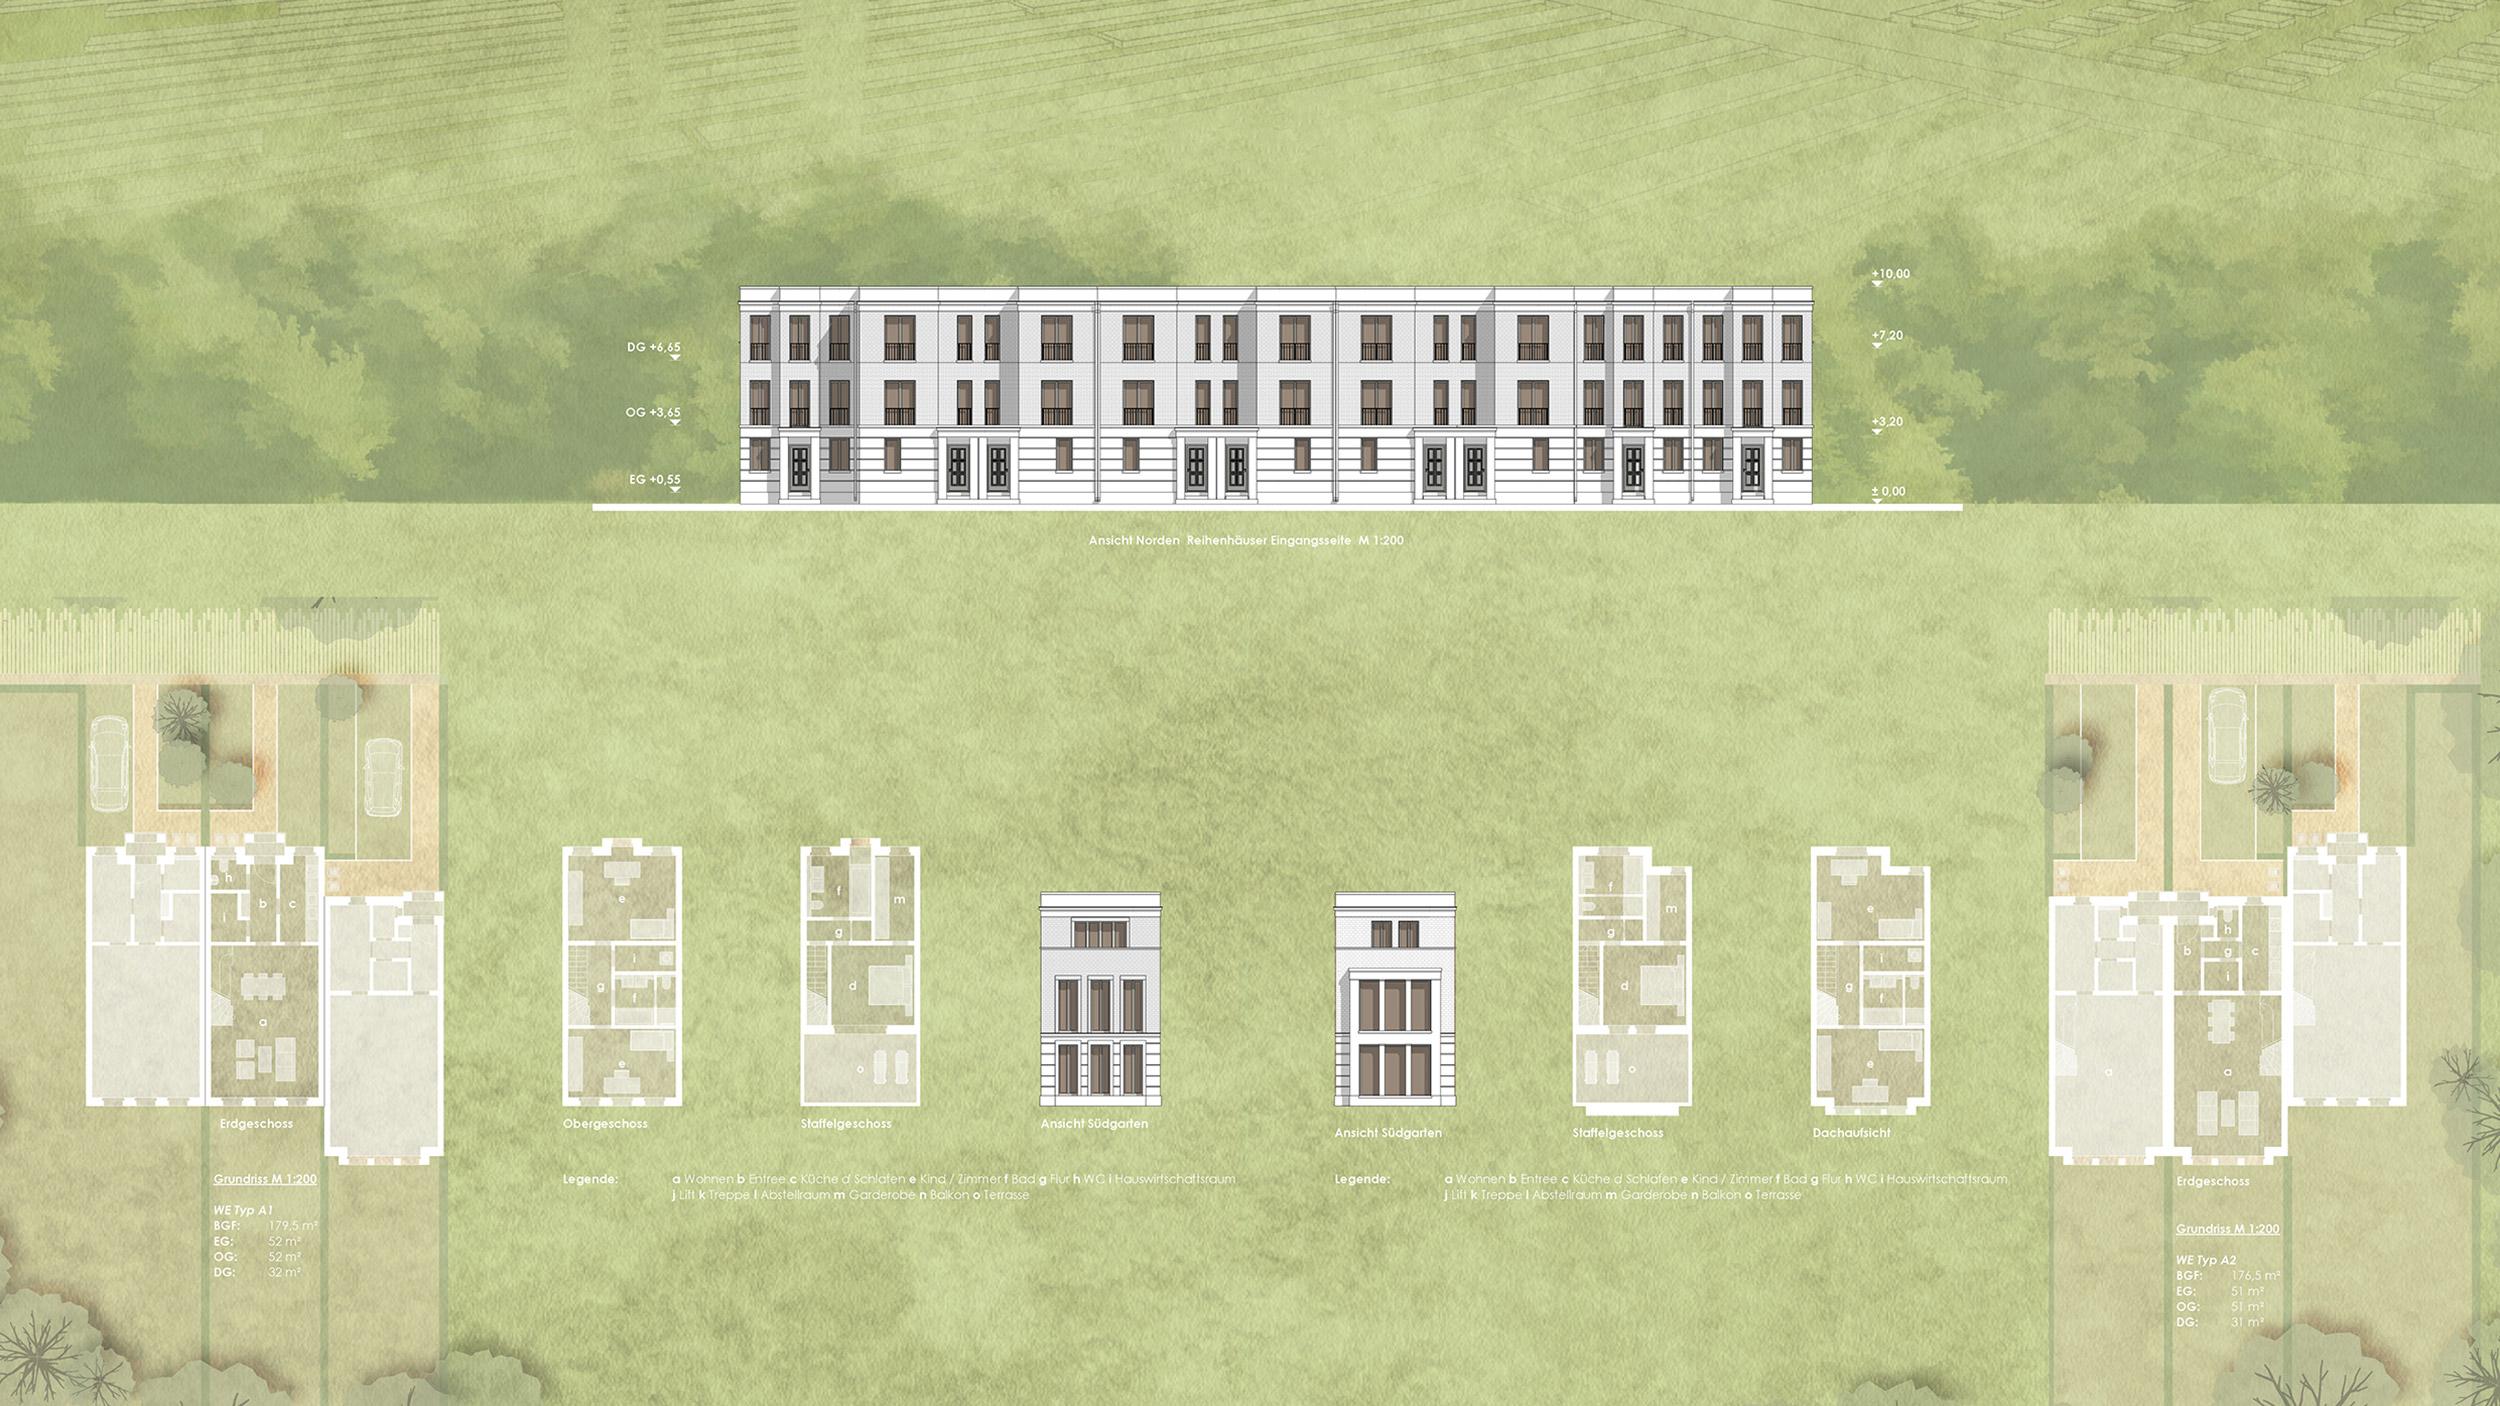 Wohnensemble im Landschaftspark - Errichtung von Neubauwohnungen - Wohnen im Townhouse auf drei Ebenen